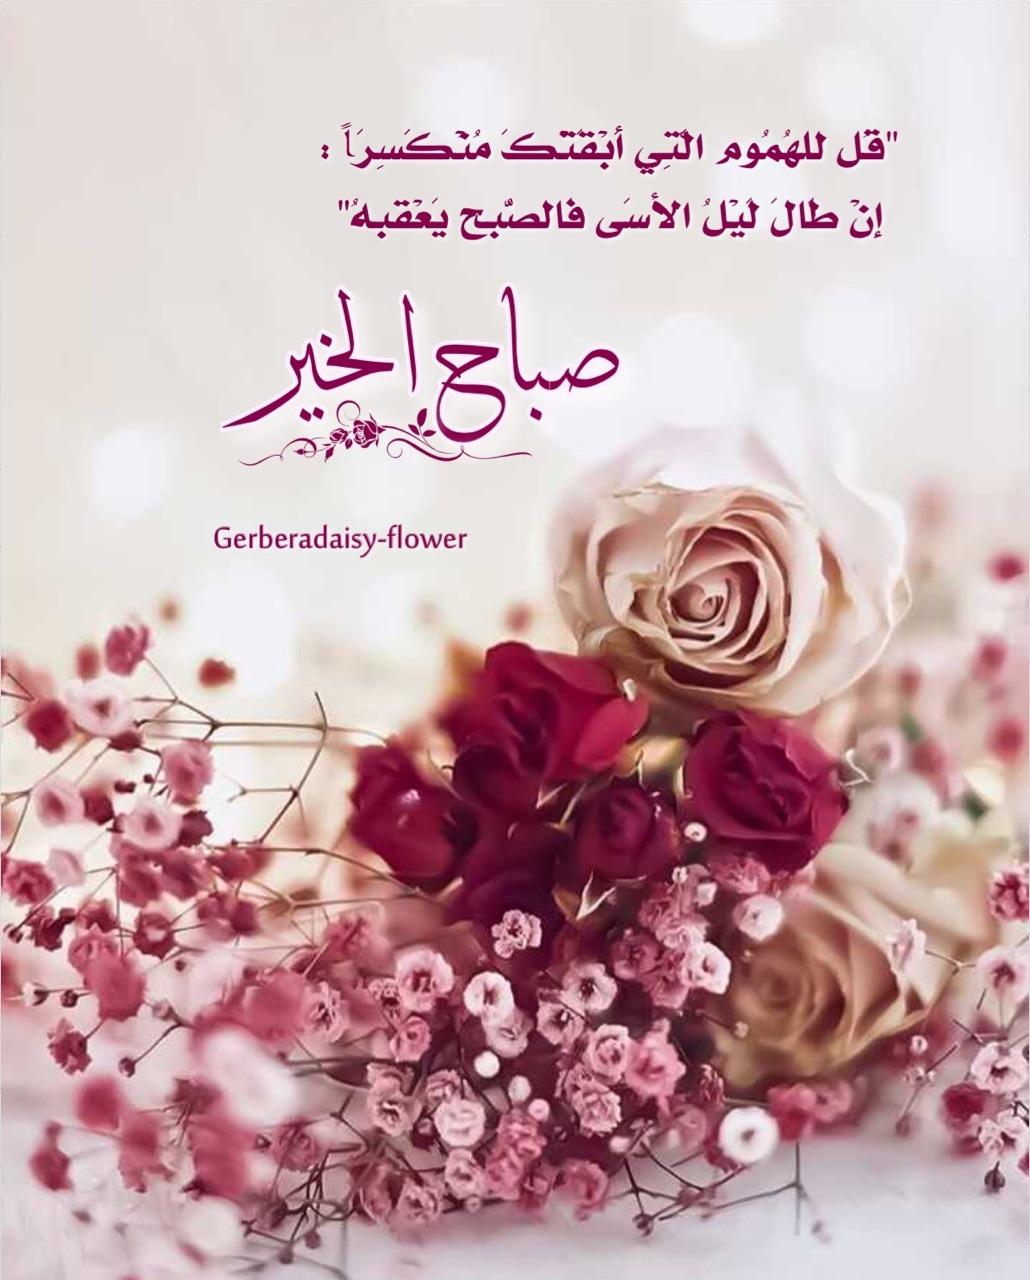 بالصور عبارات صباح الخير , جمل بسيطه تقال فى الصباح 4691 10